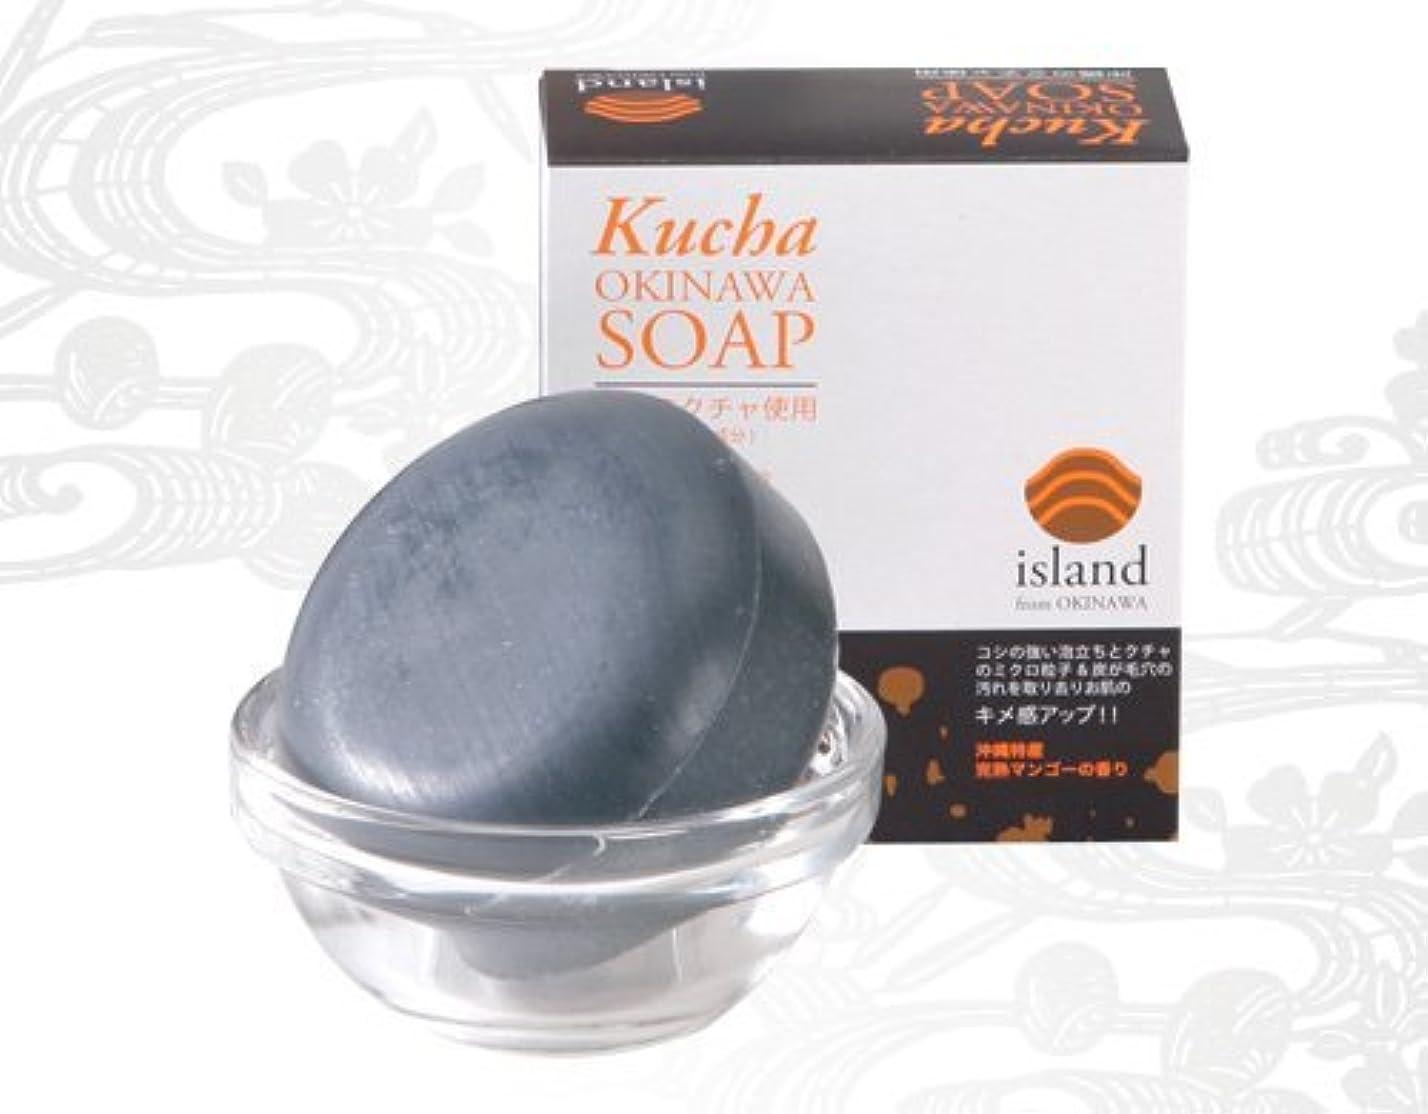 略奪である謎めいたくちゃ OKINAWA SOAP 90g×3個 アイランド 沖縄特産「くちゃ」配合の無添加石けん ミクロの泥で毛穴スッキリ、つるつる素肌!